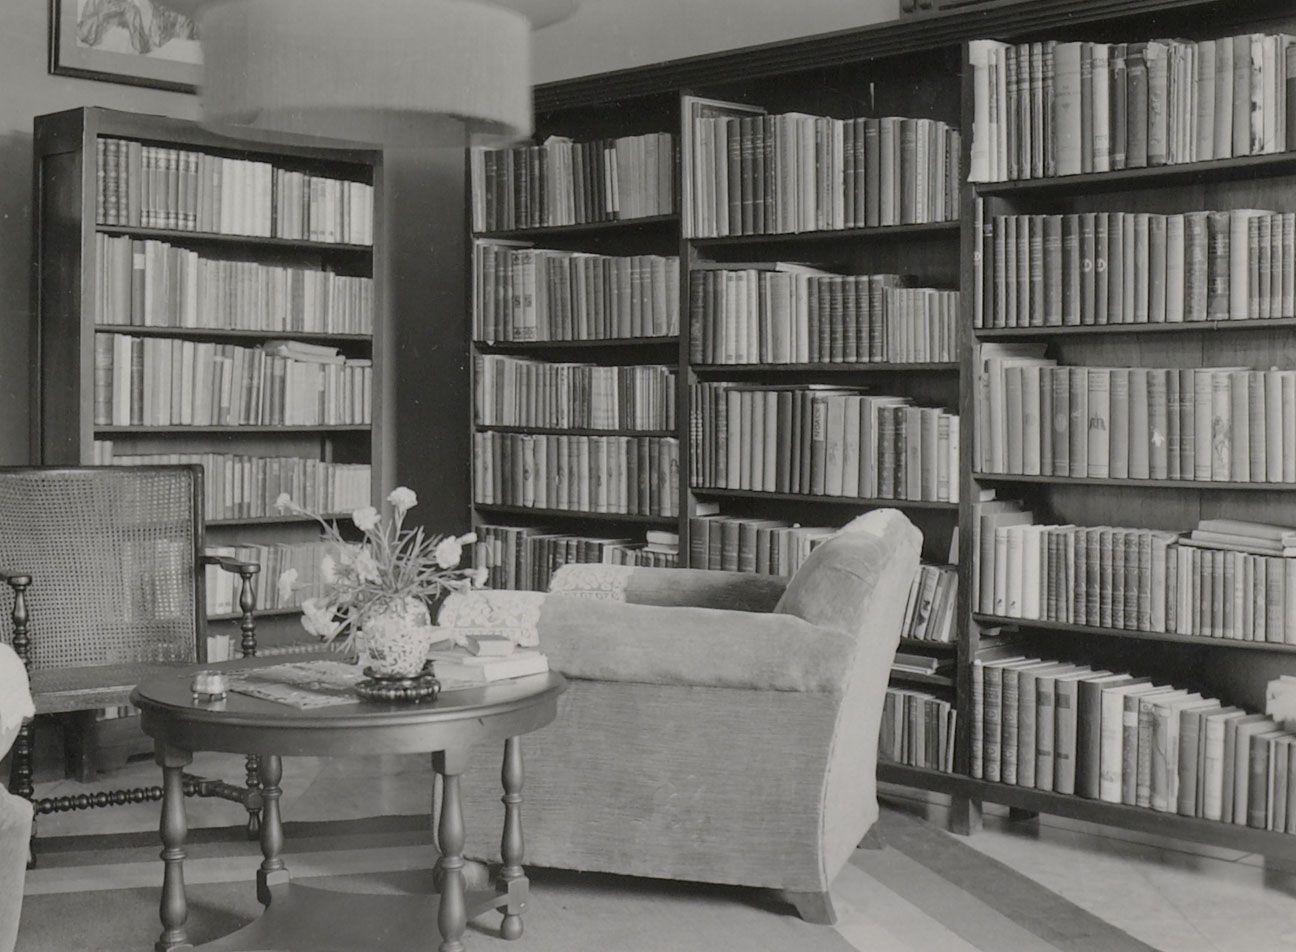 Het interieur van een woning. Het koloniale leven tussen 1920-1940 ...